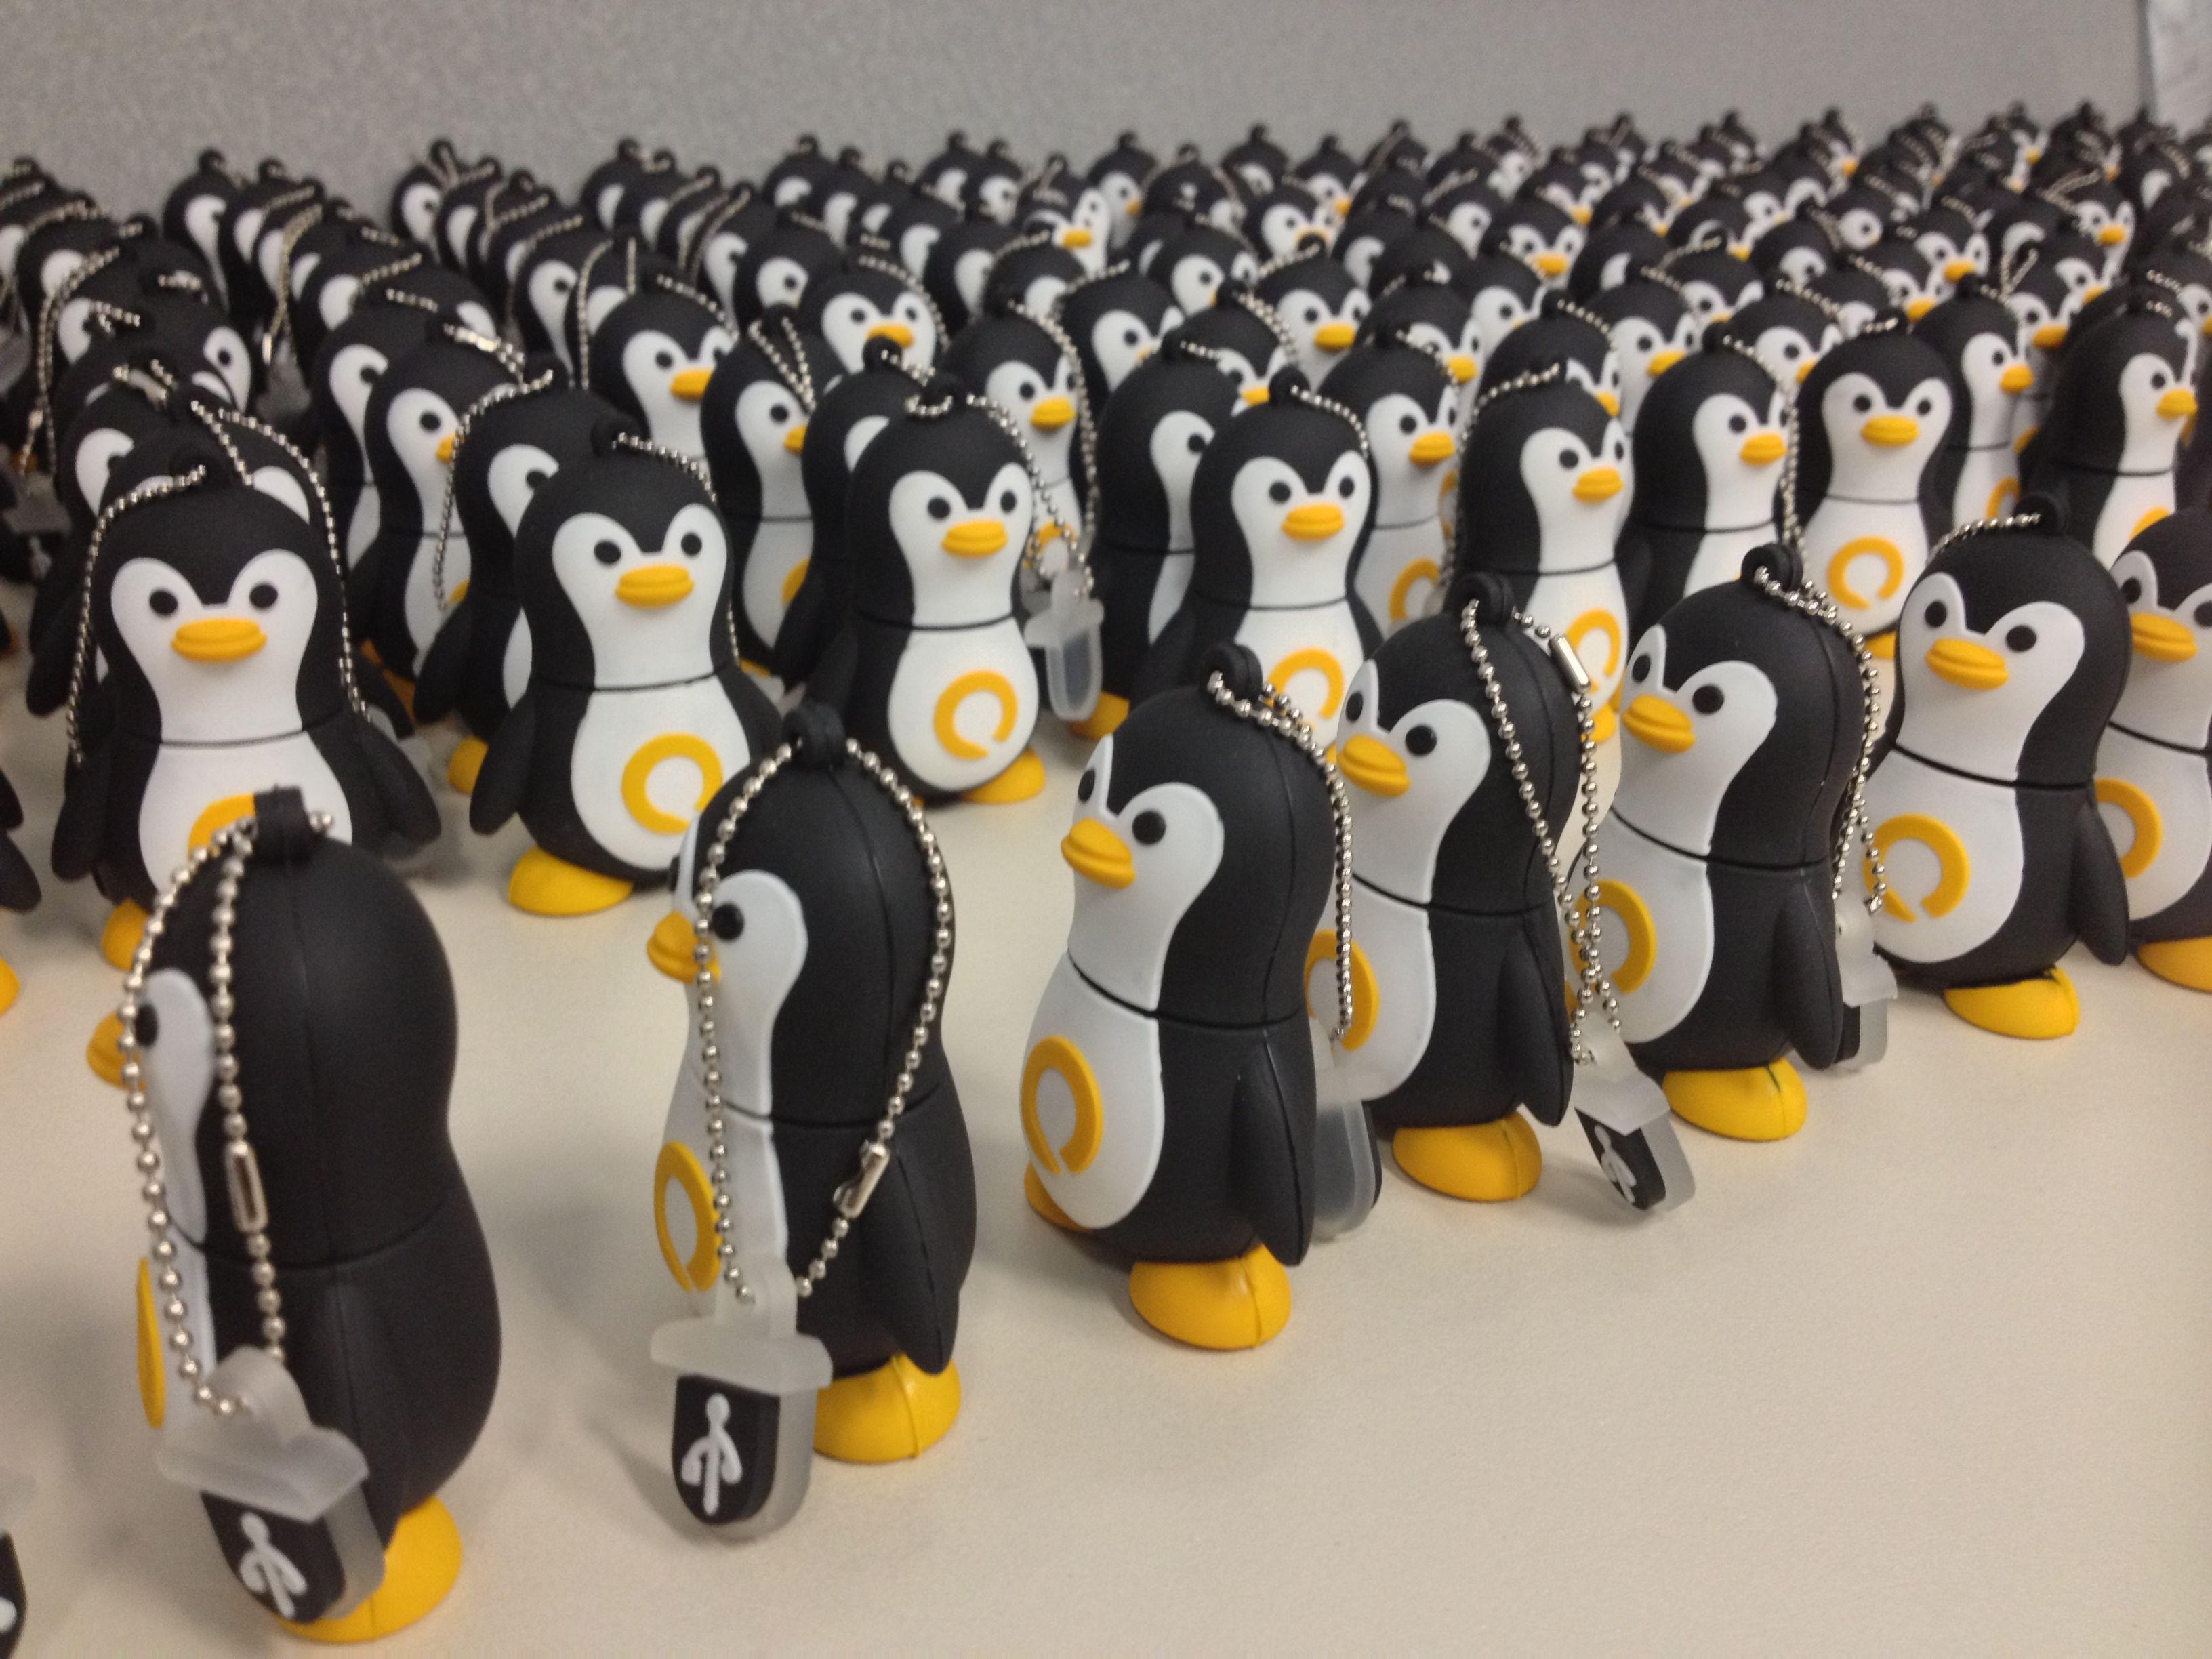 Quark's new Penguin USB Key! Available aboard our Polar ...